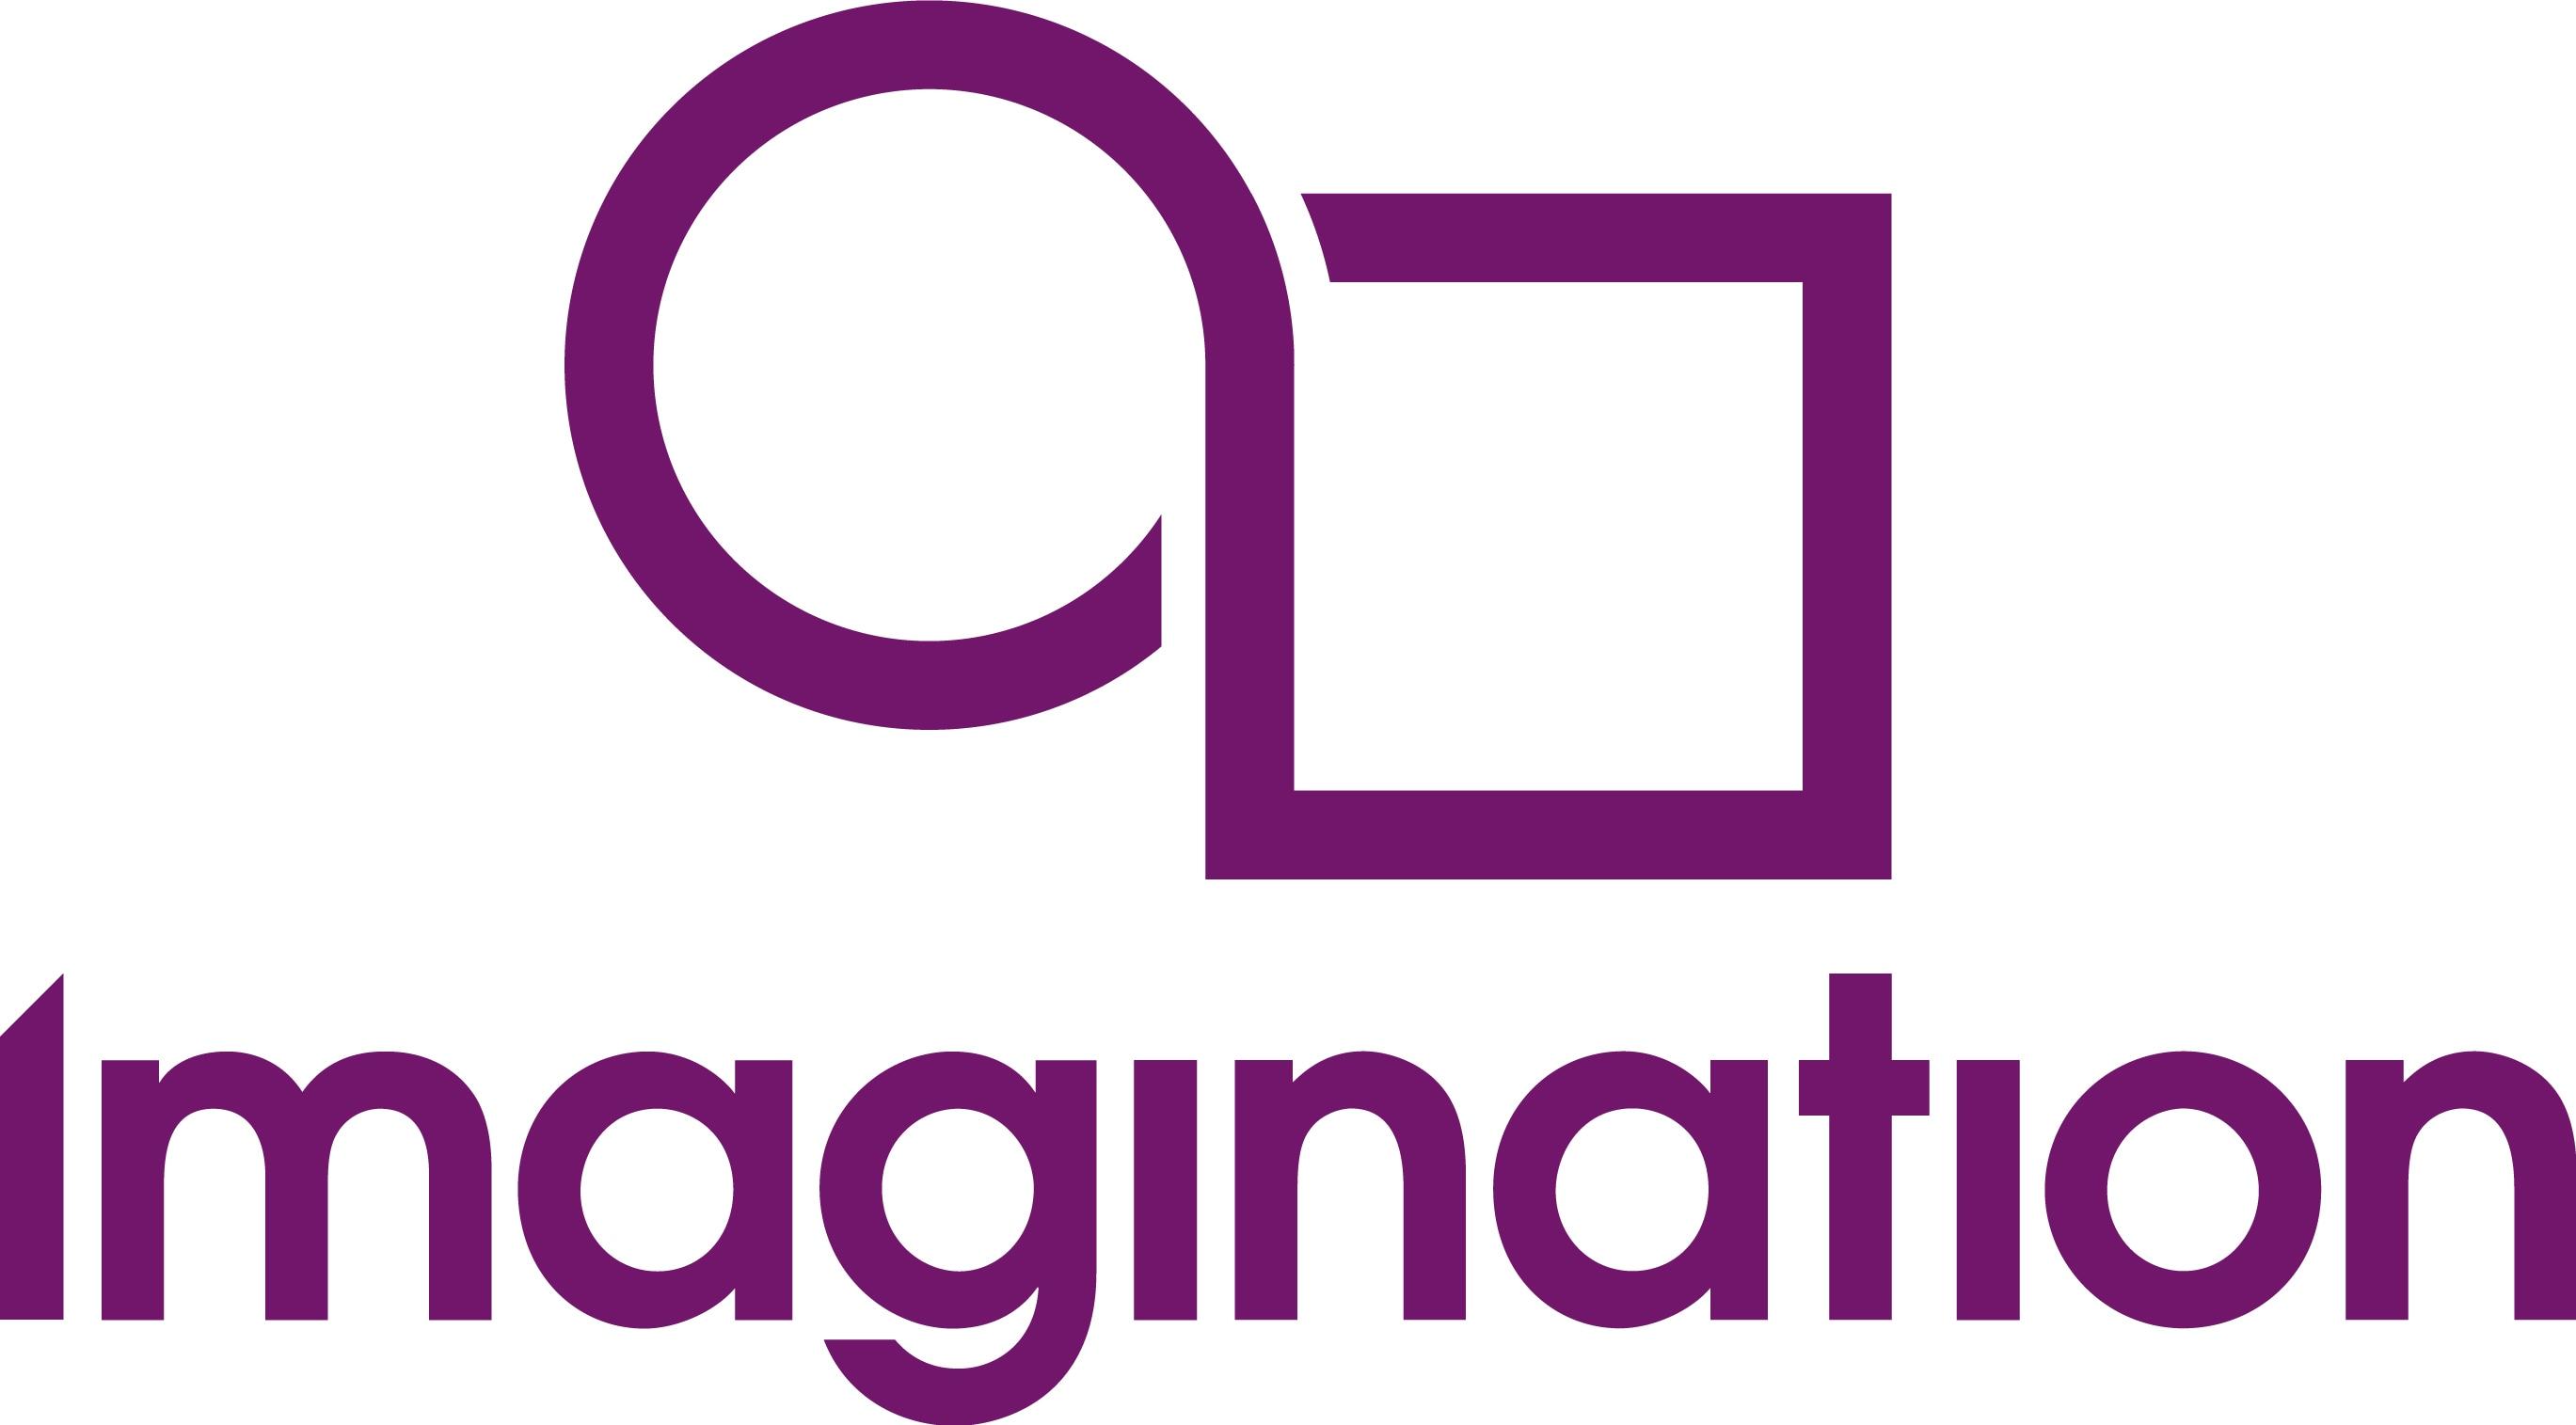 Logo da Imagination Technologies